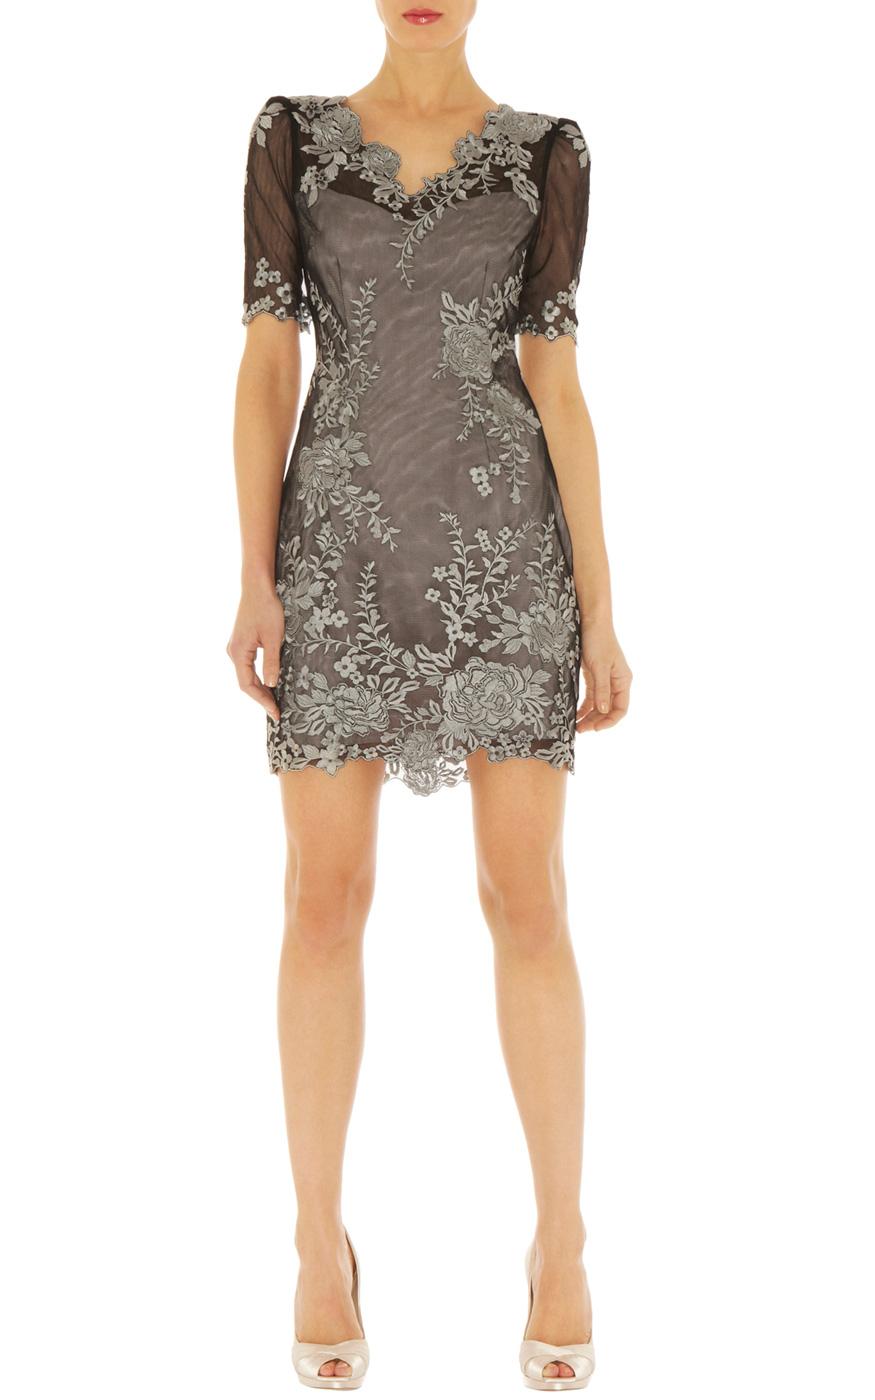 Dress It Up At Karen Millen